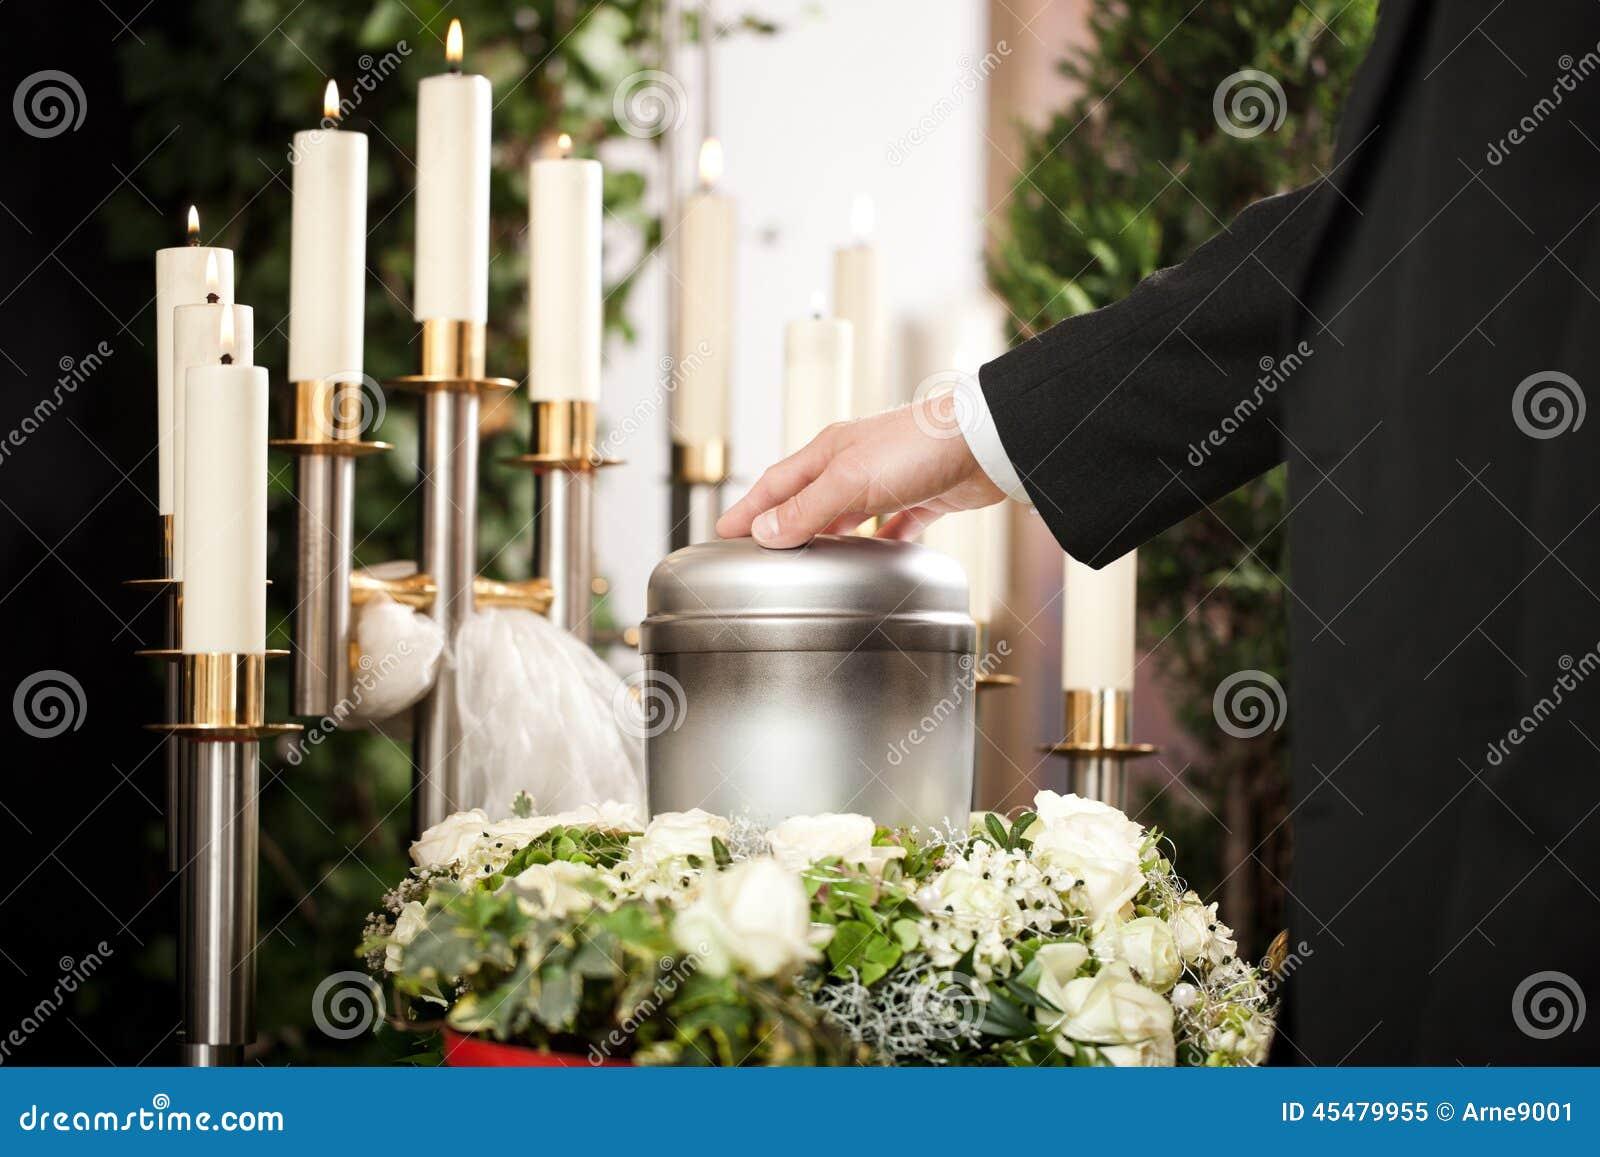 Żal - pogrzeb i cmentarz